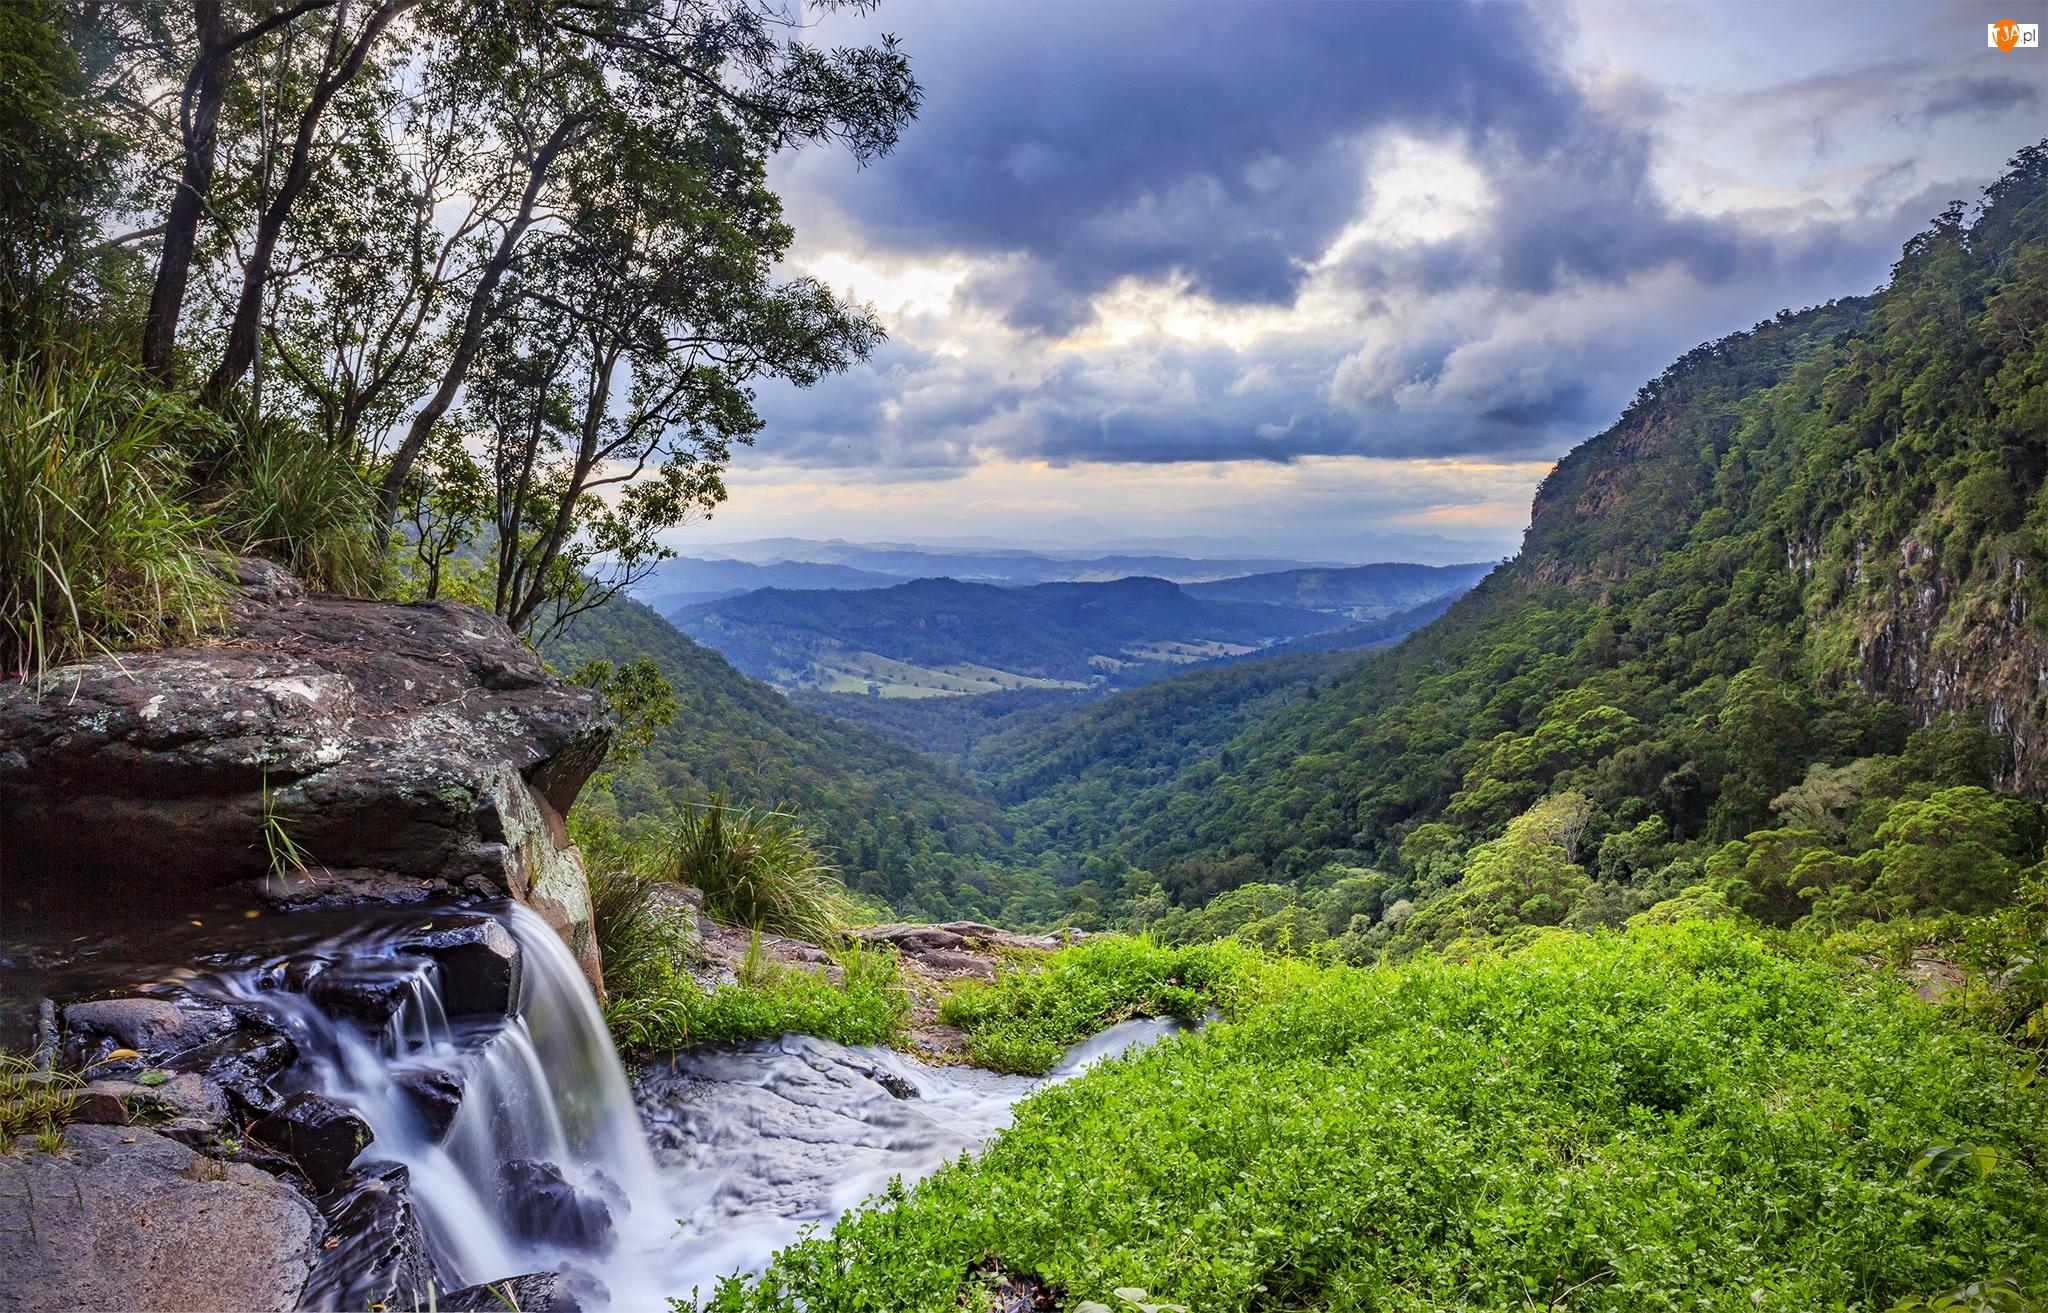 Wodospad Morans Falls, Australia, Góry, Drzewa, Queensland, Wzgórze O Reilly, Chmury, Park Narodowy Lamington